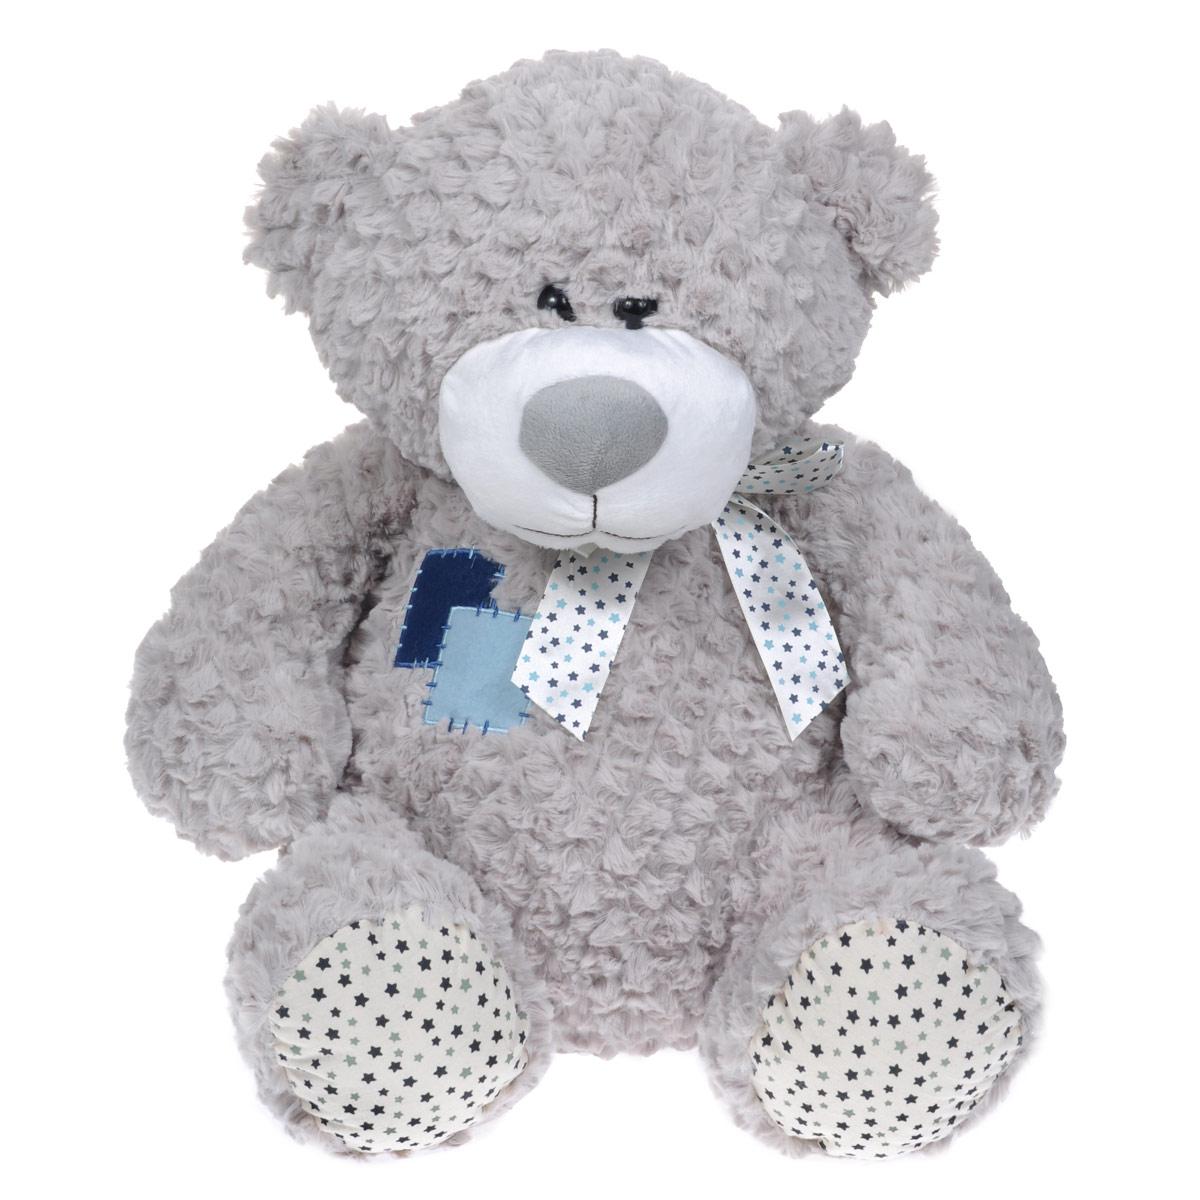 Мягкая игрушка Maxi Toys Мишка Жорик, цвет: серый, 50 см maxi toys мягкая игрушка антистресс